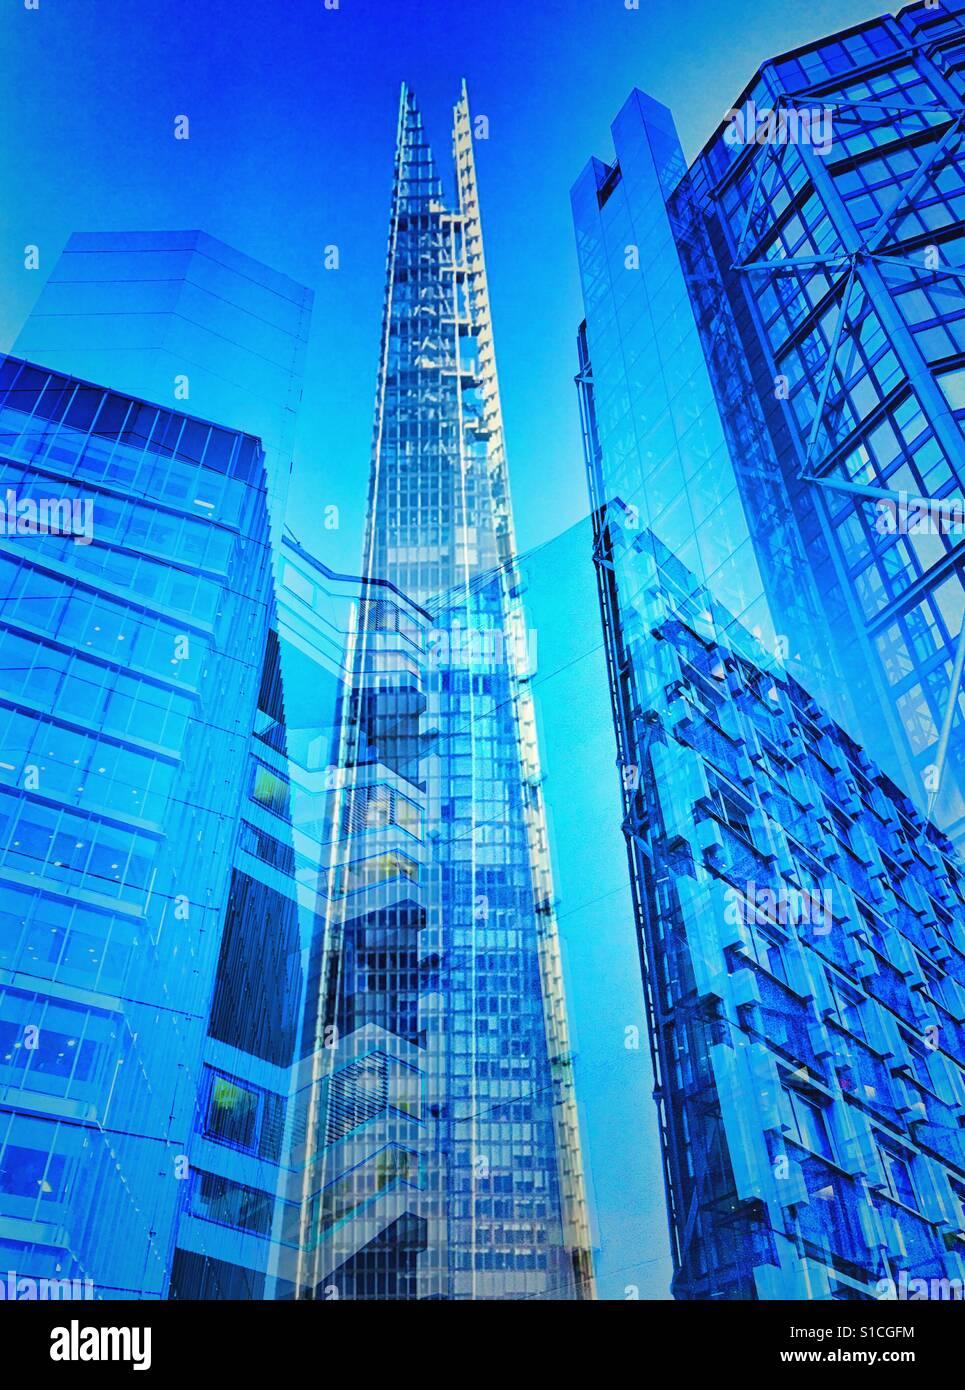 La Shard e altri edifici a Londra mostrata come una immagine astratta Immagini Stock